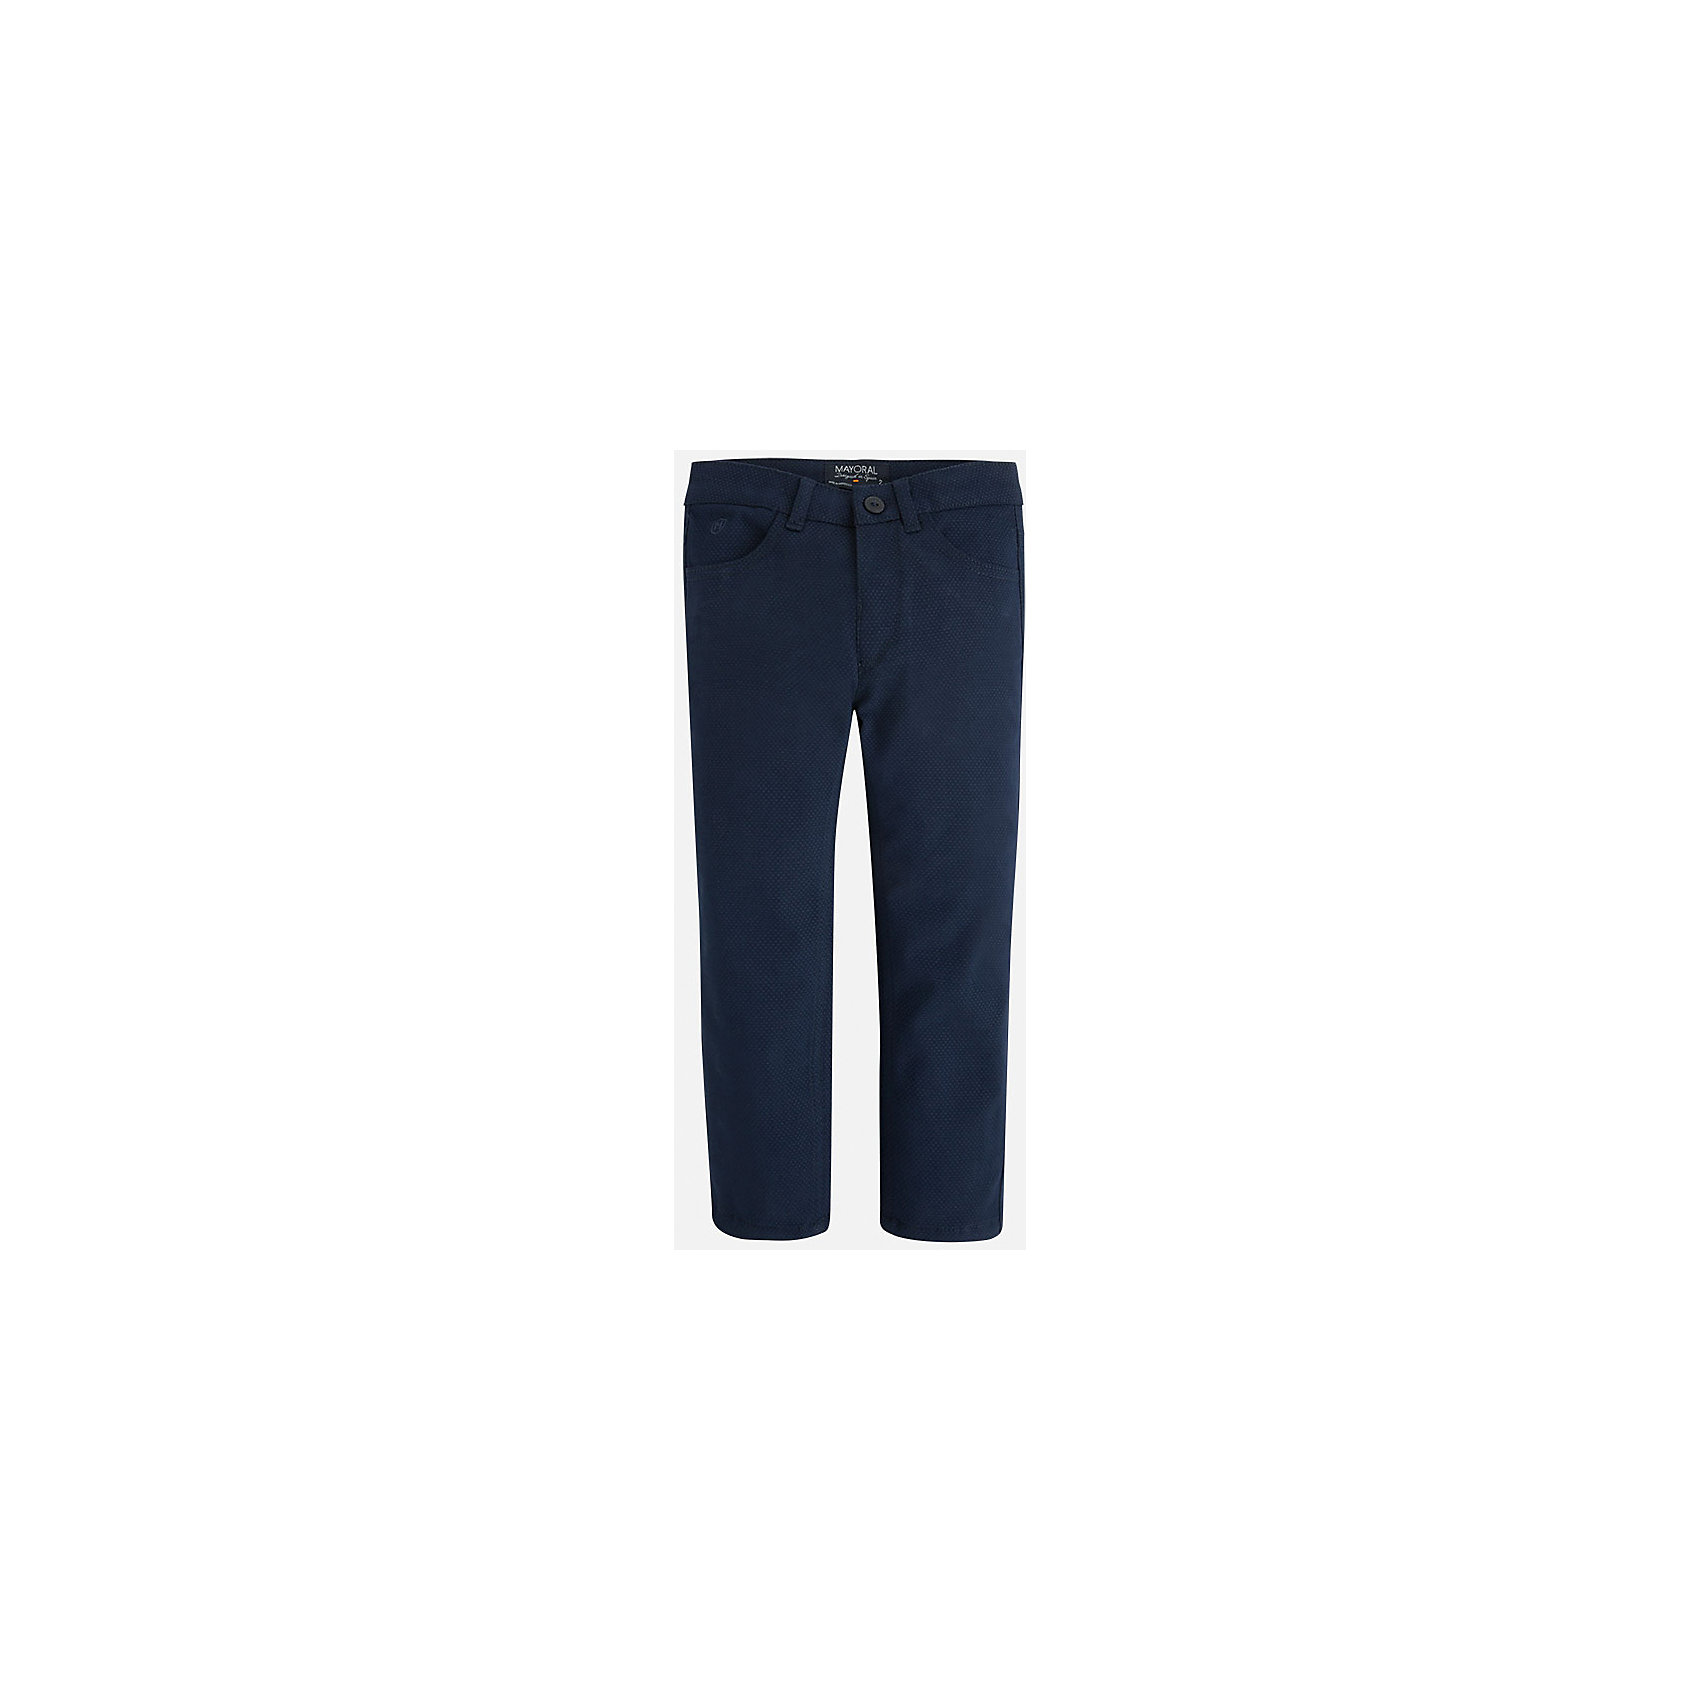 Брюки для мальчика MayoralБрюки<br>Универсальные брюки темно-синего цвета всегда должны быть в гардеробе юного мужчины!<br>У брюк классическая посадка и прямой крой, так же они долговечны и очень удобны в носке.<br><br>Дополнительная информация:<br><br>- Крой: прямой крой.<br>- Страна бренда: Испания.<br>- Состав: хлопок 97%, эластан 3%.<br>- Цвет: темно-синий.<br>- Уход: бережная стирка при 30 градусах.<br><br>Купить брюки для мальчика Mayoral можно в нашем магазине.<br><br>Ширина мм: 215<br>Глубина мм: 88<br>Высота мм: 191<br>Вес г: 336<br>Цвет: разноцветный<br>Возраст от месяцев: 48<br>Возраст до месяцев: 60<br>Пол: Мужской<br>Возраст: Детский<br>Размер: 110,104,116,134,128,122,98<br>SKU: 4826381